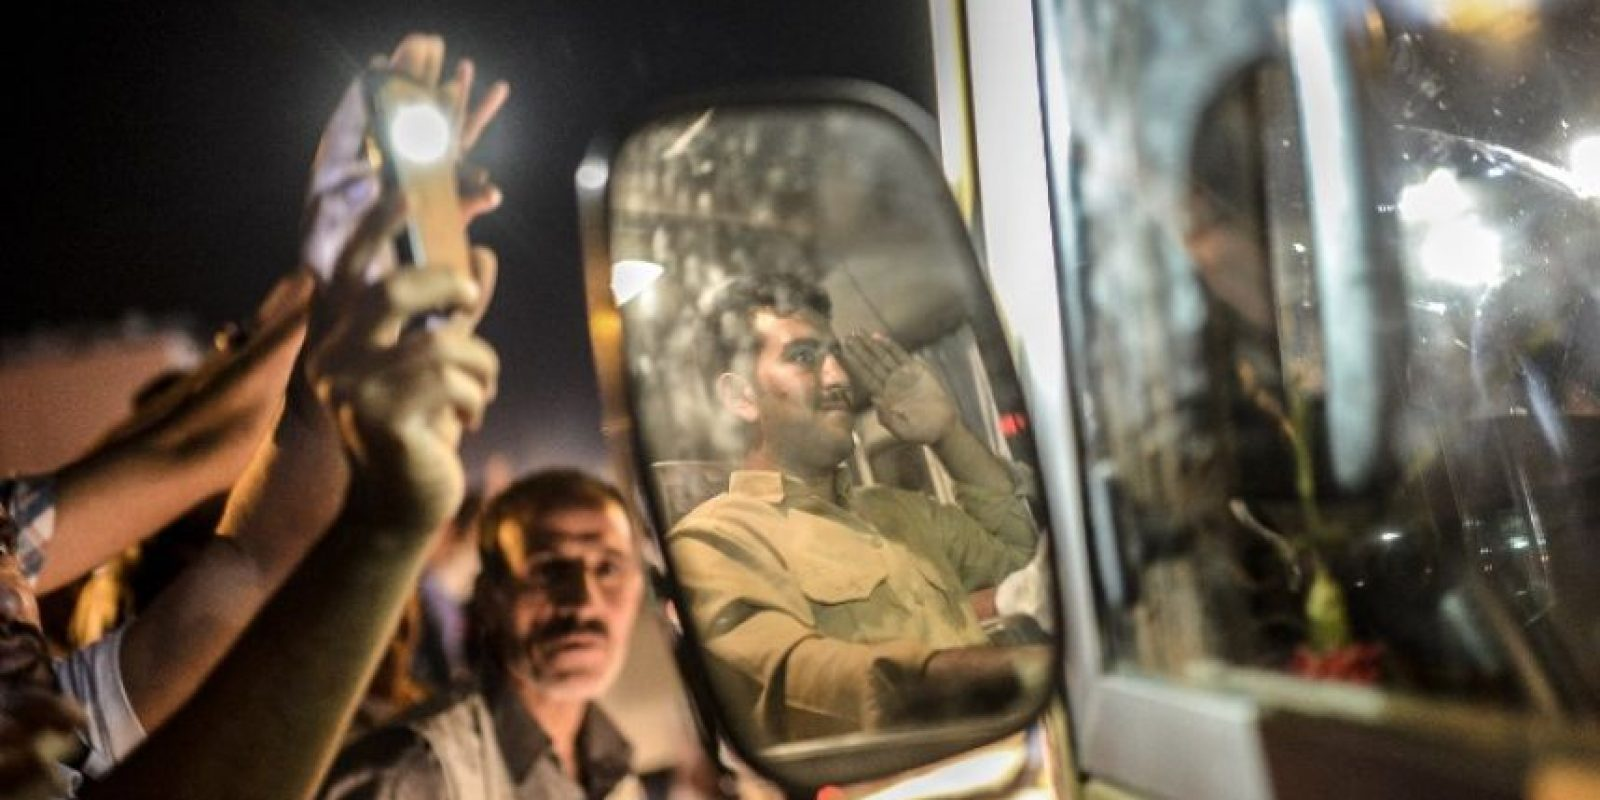 Si su edad oscila entre los 20 y 30 años: 100 mil dinares (86.06 dólares) Foto:AFP